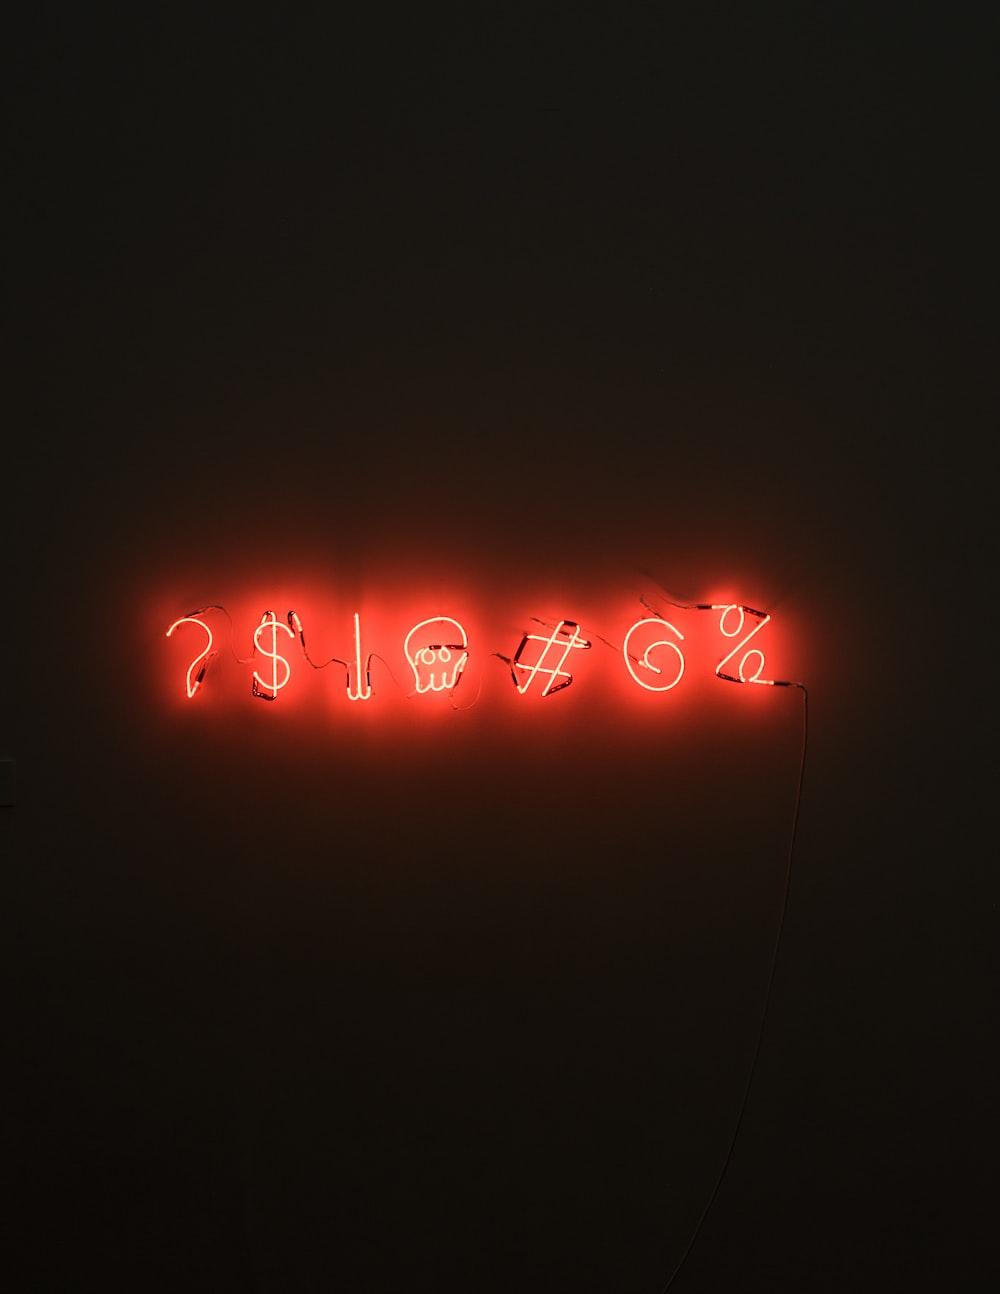 red LED signage